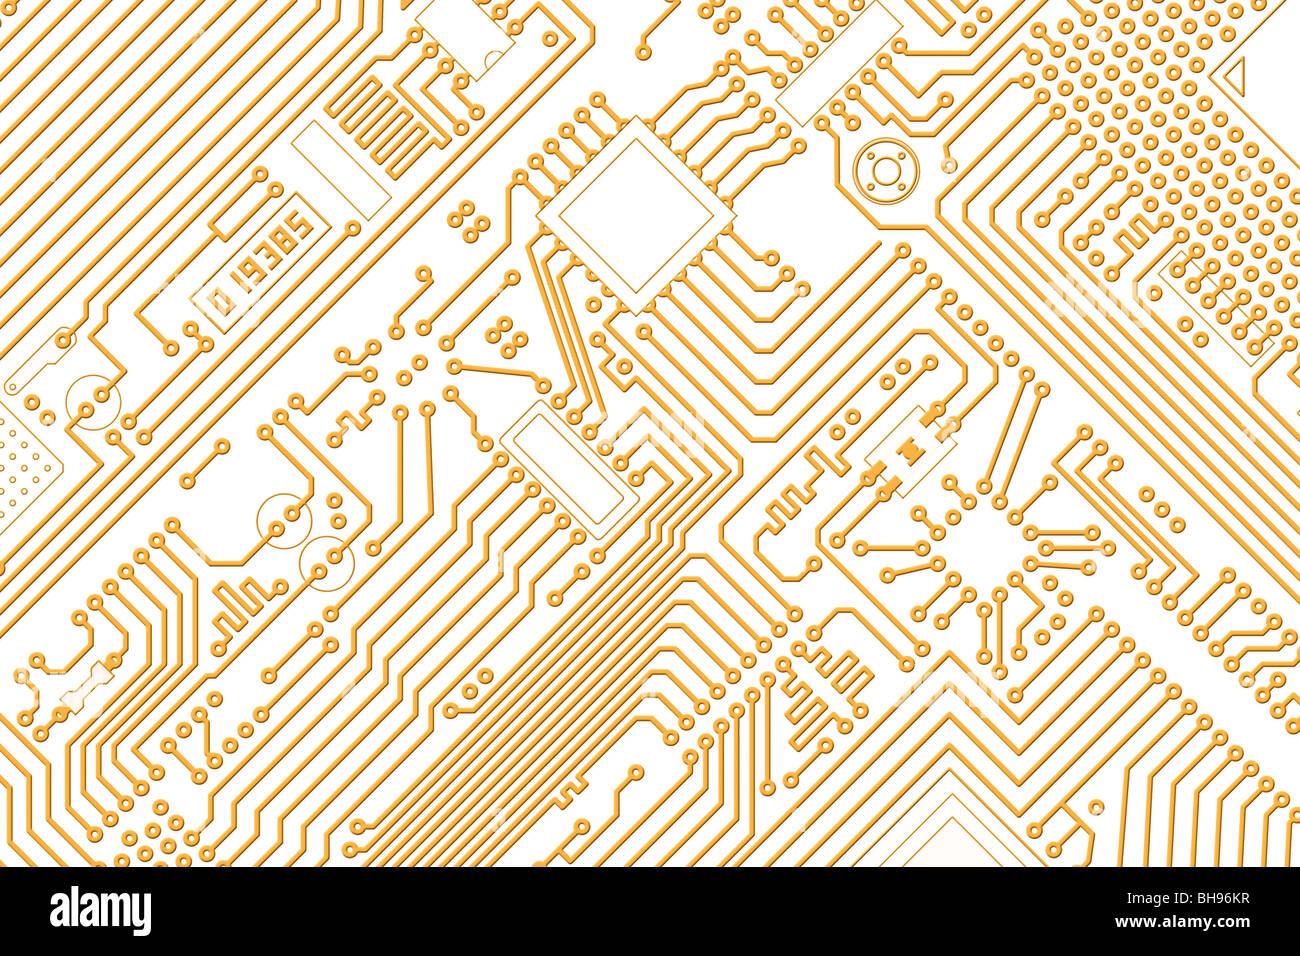 Electrónica industrial de alta tecnología golden - Gráficos de fondo blanco. Imagen De Stock